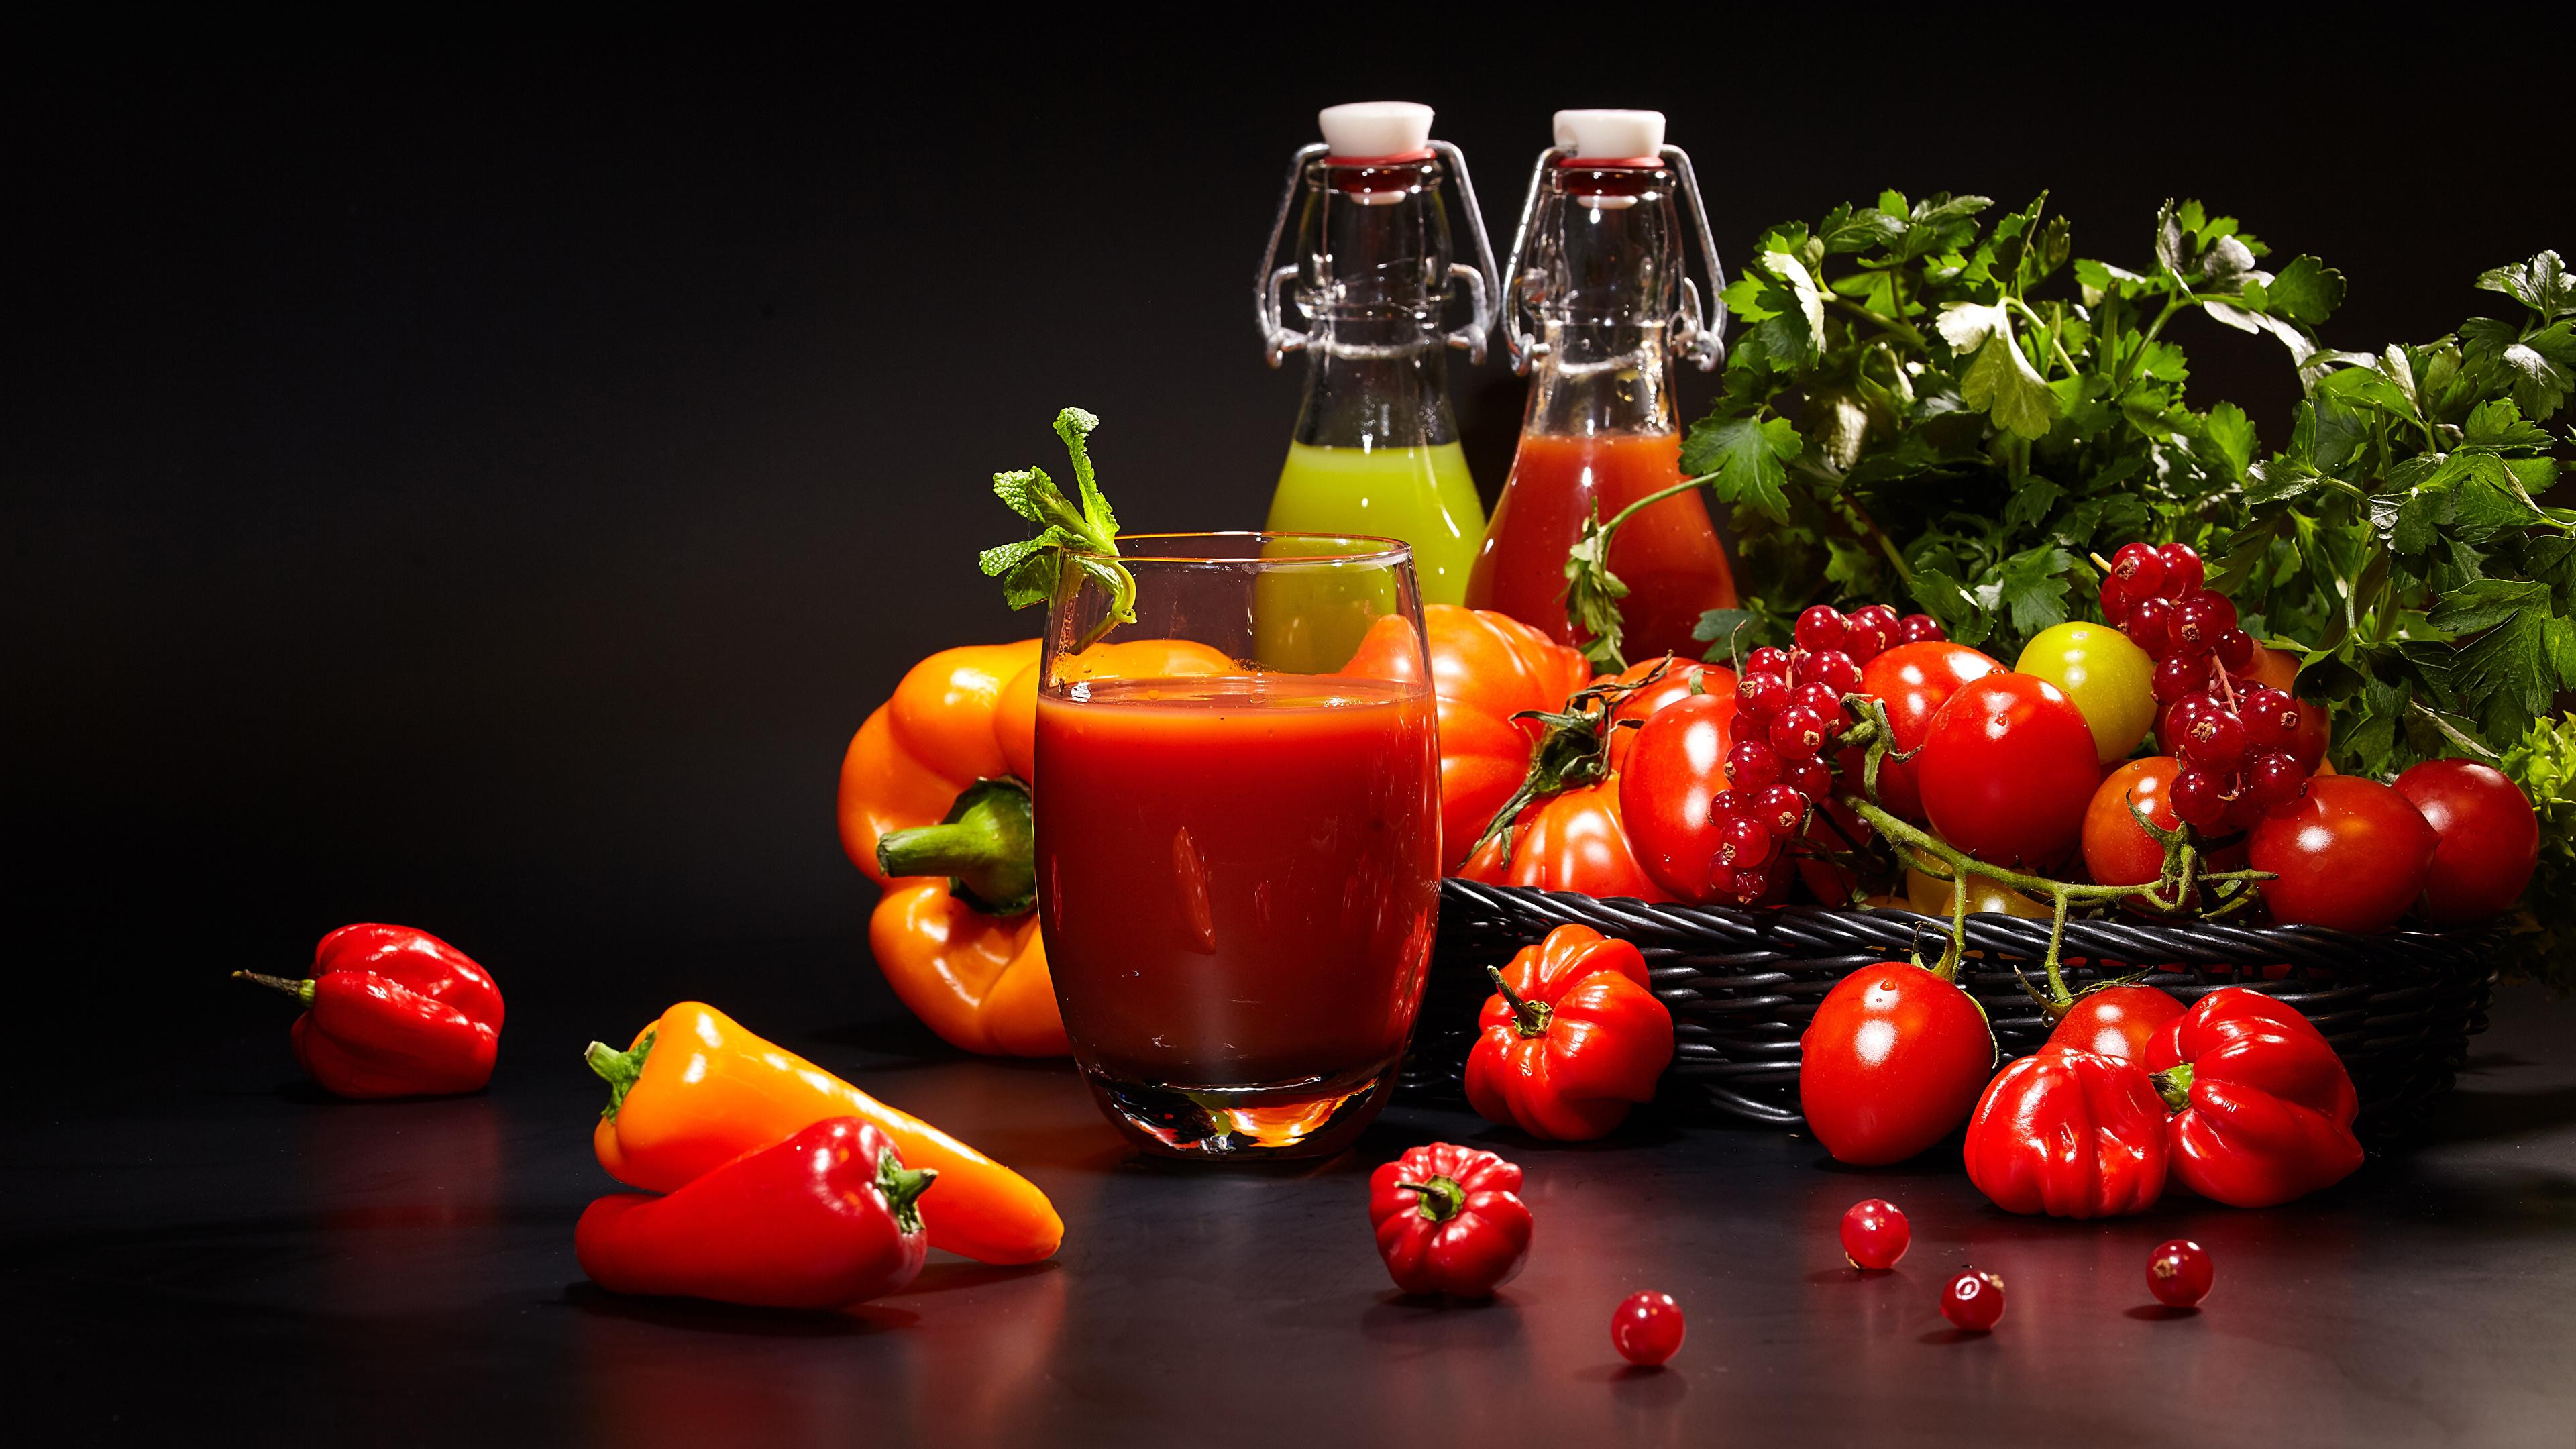 Фото Сок Помидоры стакане Смородина Пища Перец Овощи 3840x2160 Томаты Стакан стакана Еда Продукты питания